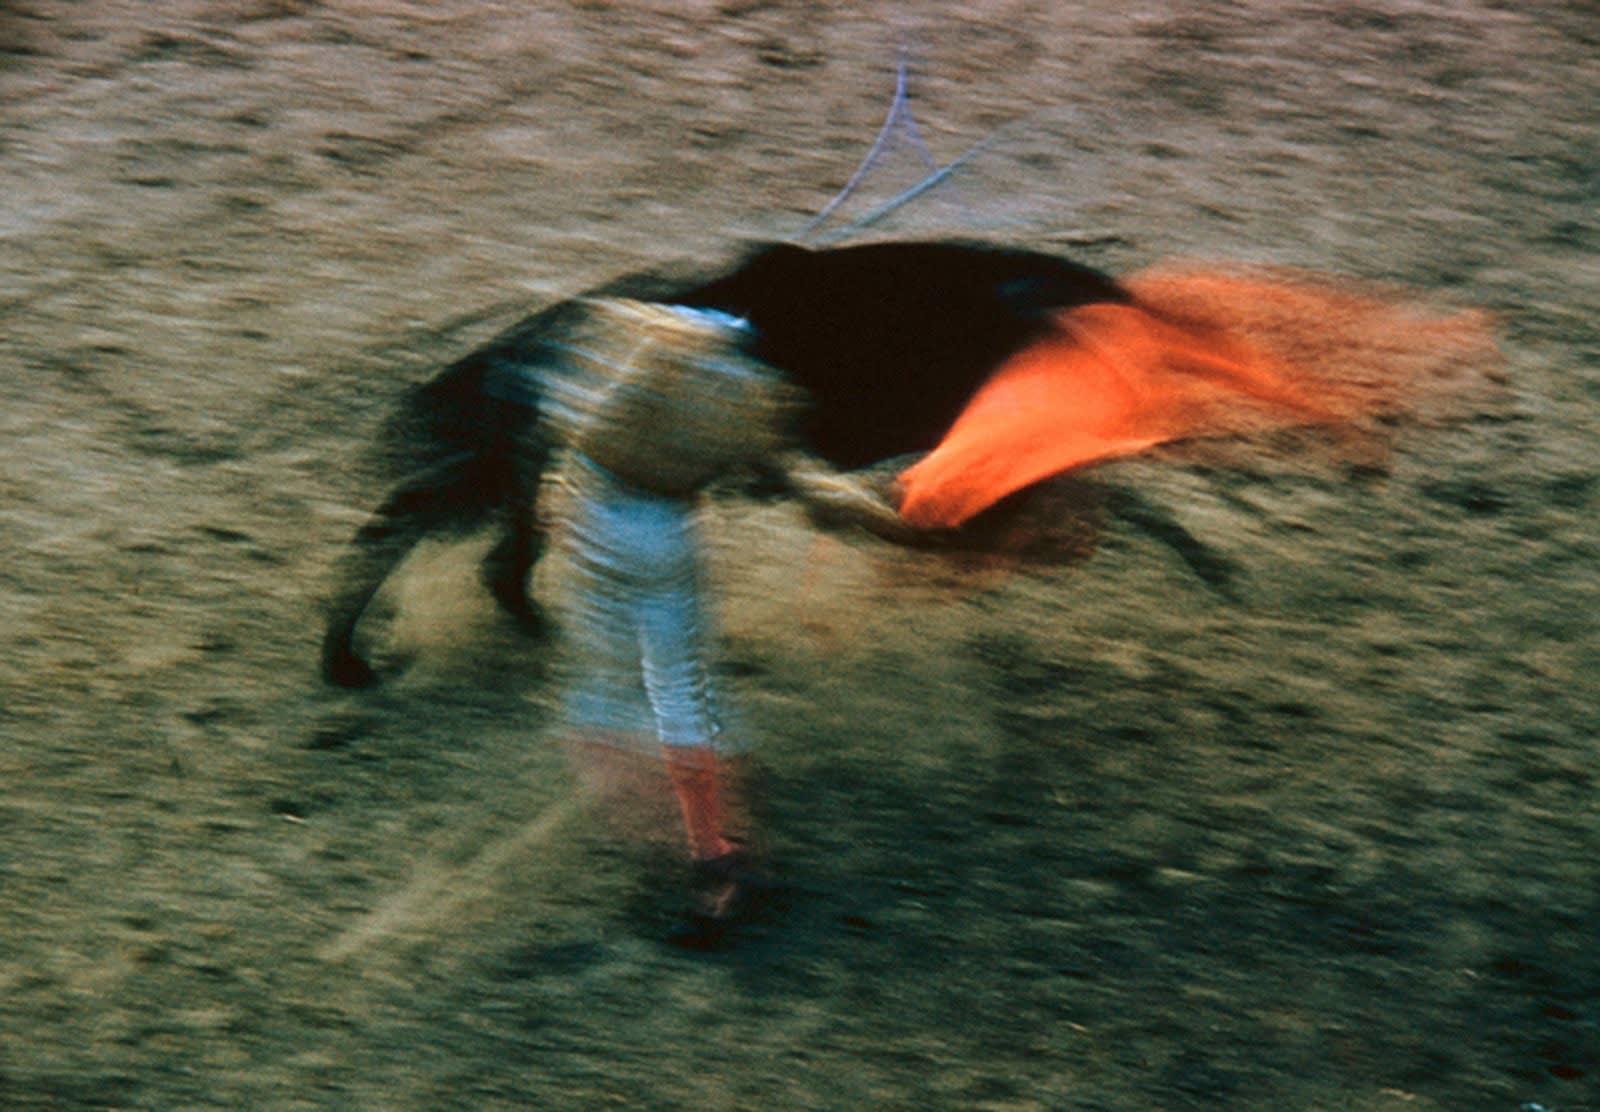 Ernst Haas, Bullfight, Pamplona, Spain, 1956